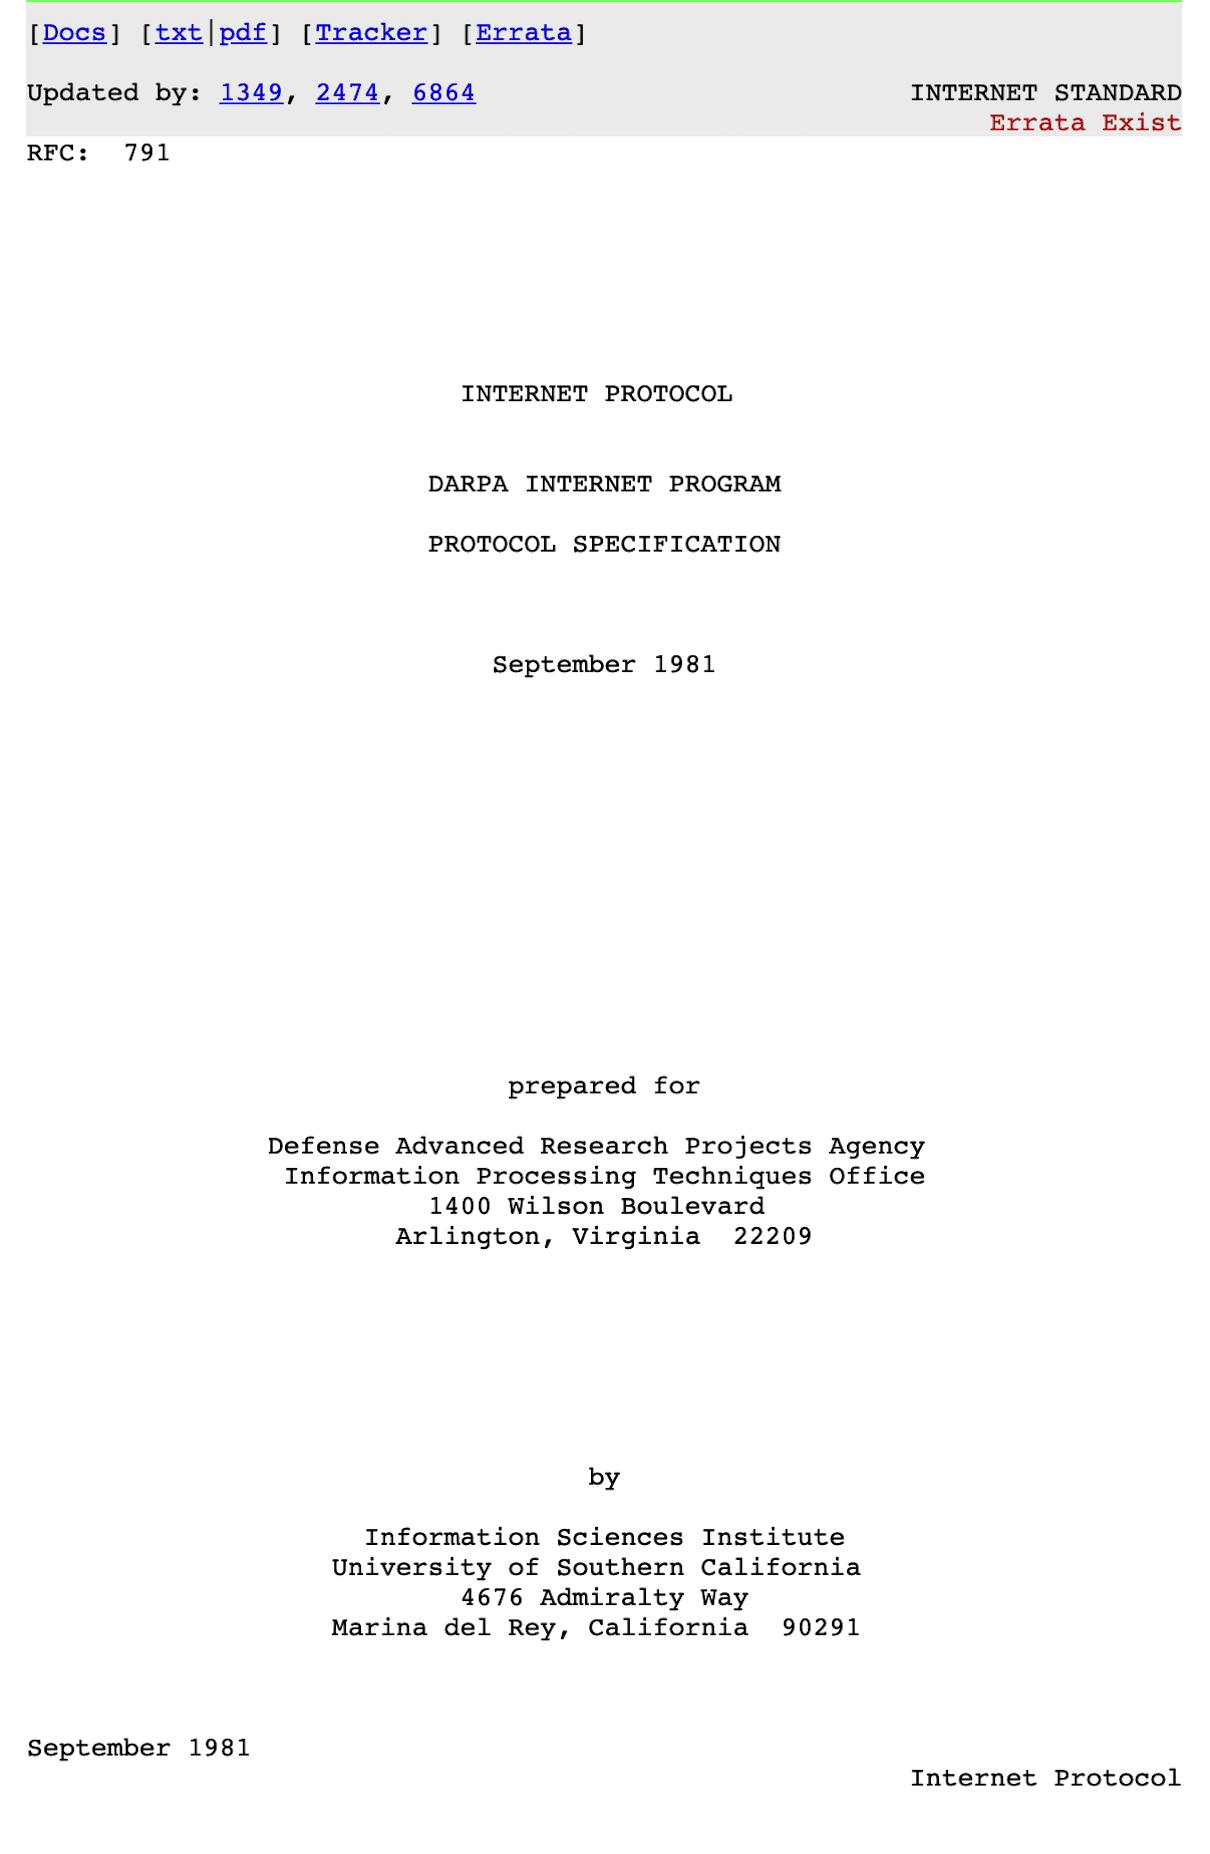 Cuarta versión del protocolo de Internet de septiembre de 1981